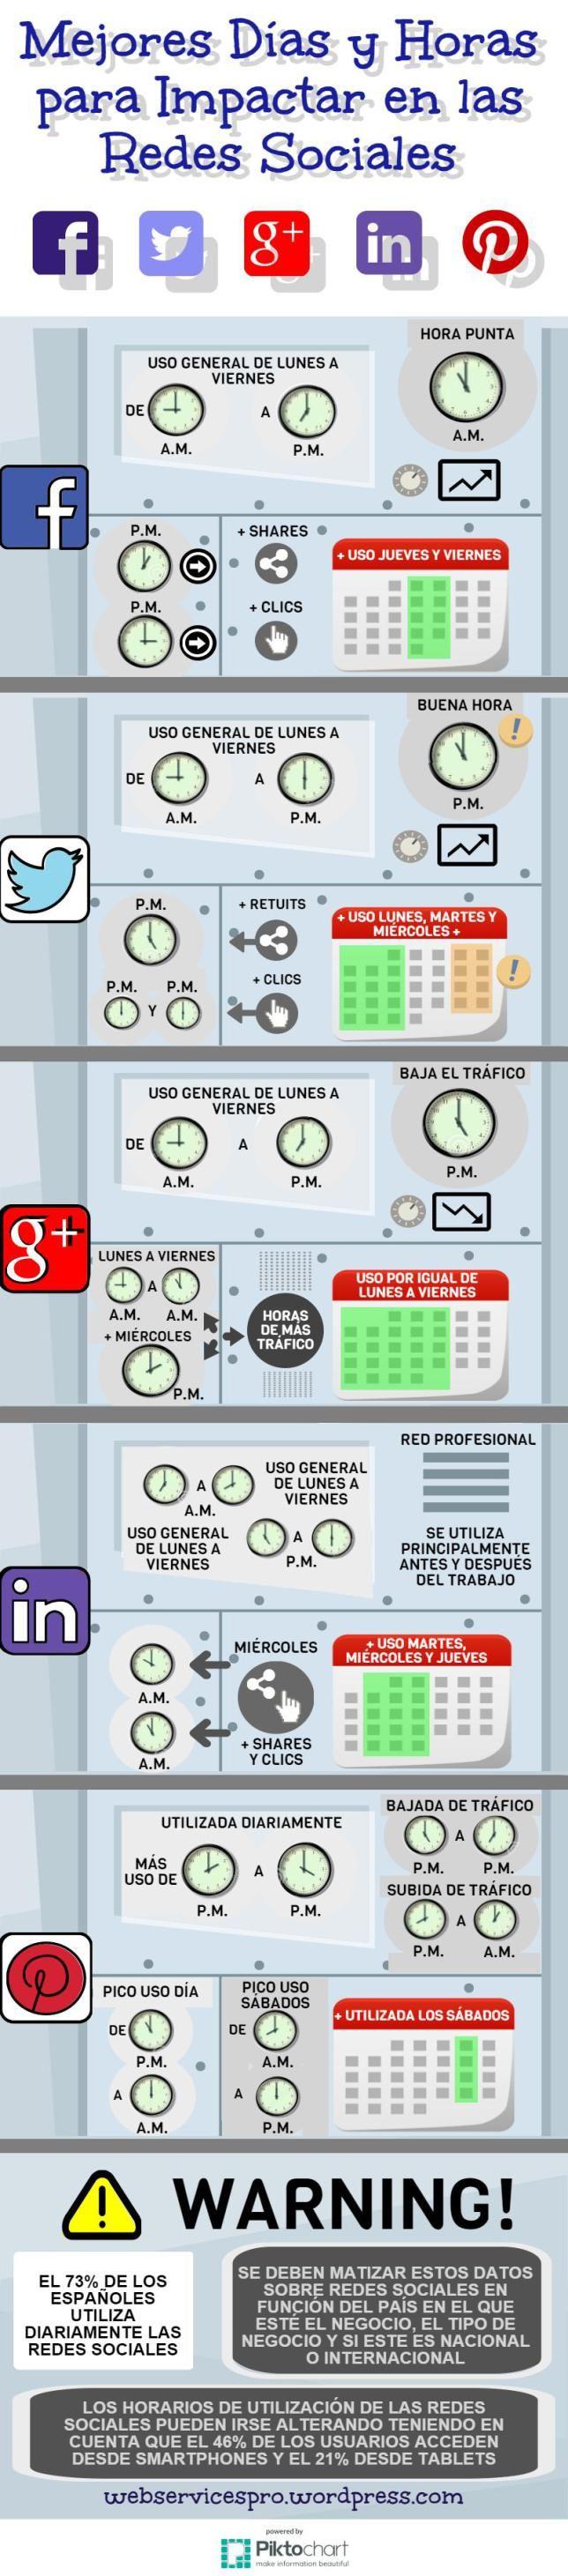 Hola: Una infografía con los Mejores días y horas para impactar en las Redes Sociales. Vía Un saludo